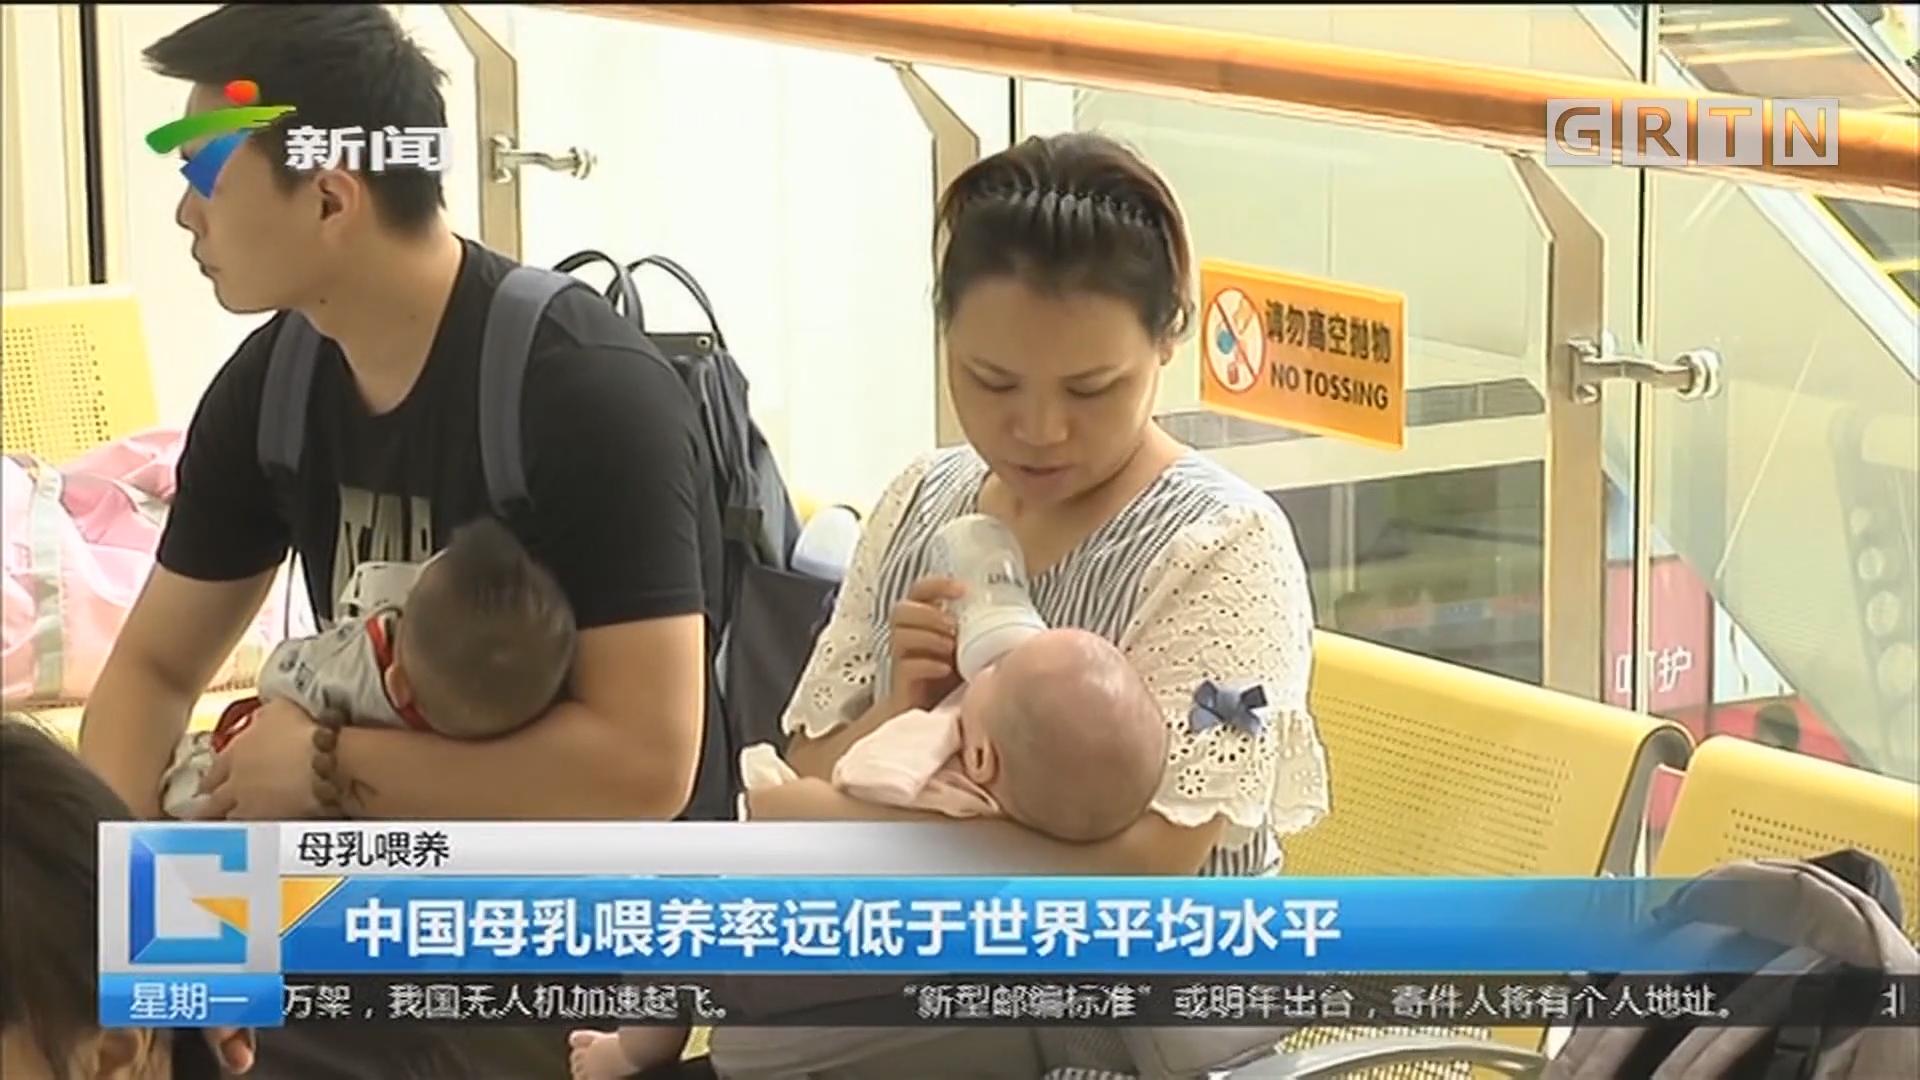 母乳喂养:中国母乳喂养率远低于世界平均水平